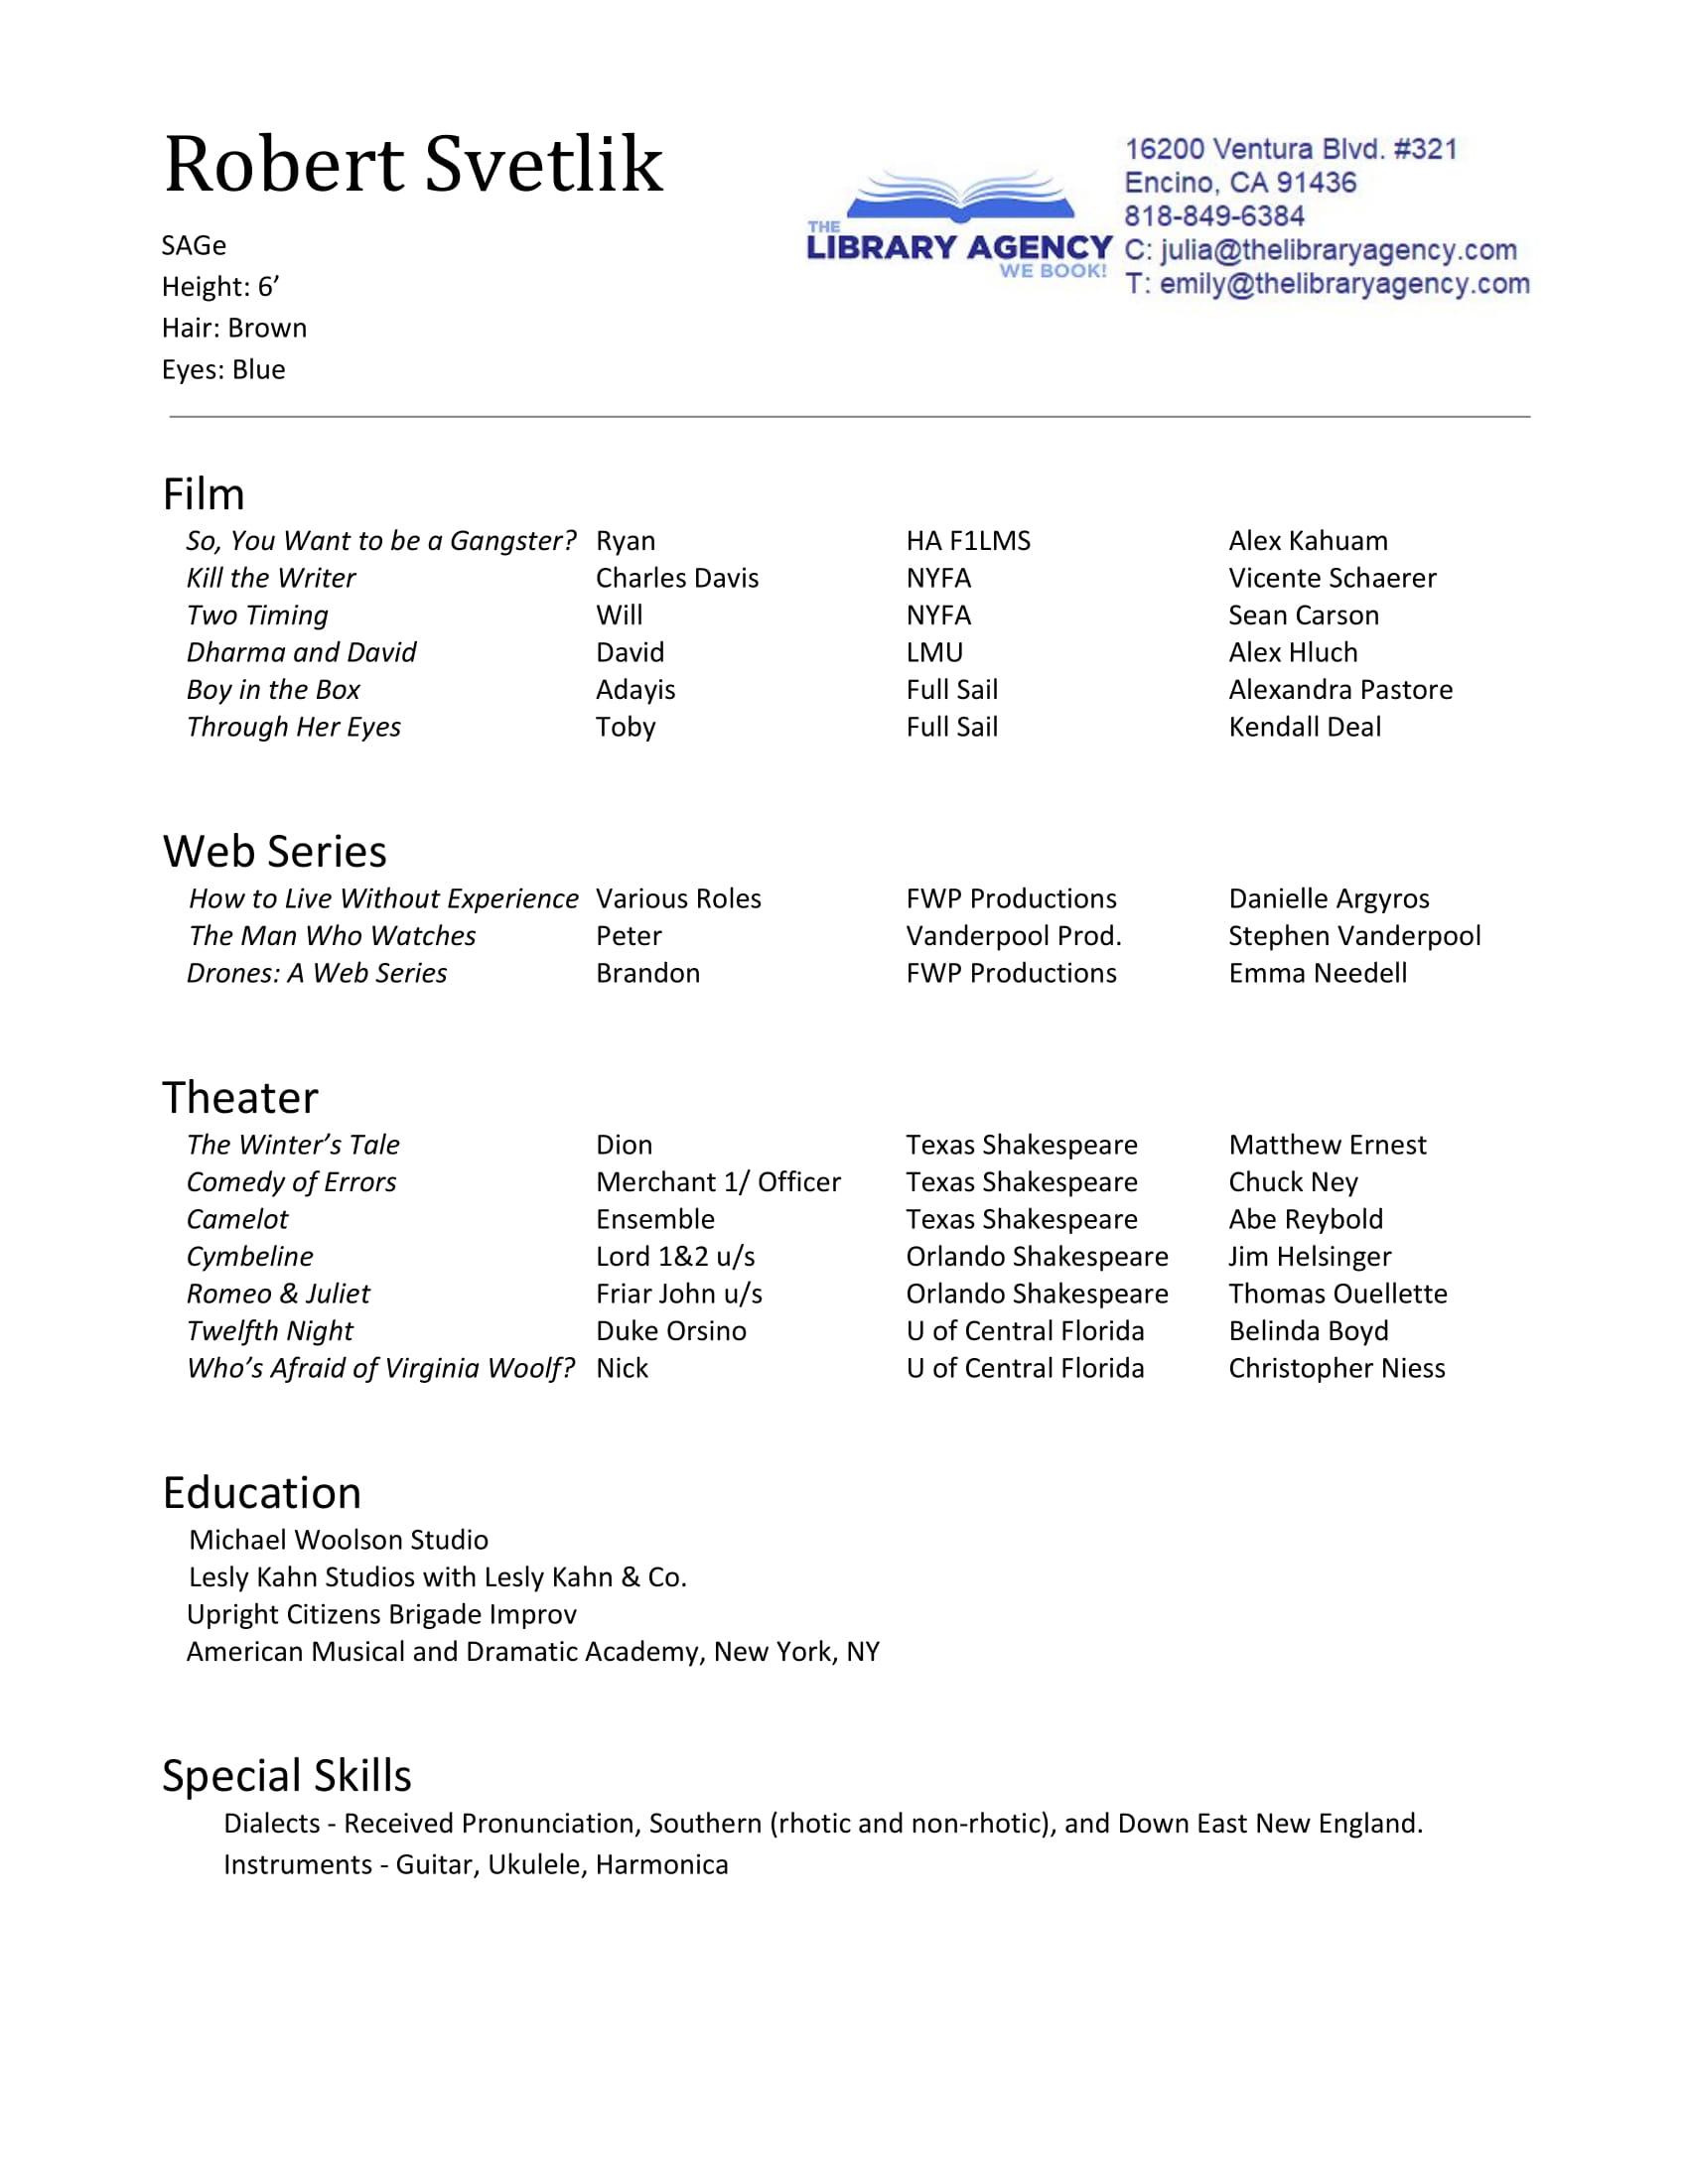 Acting Resume 2018 (2)-1.jpg